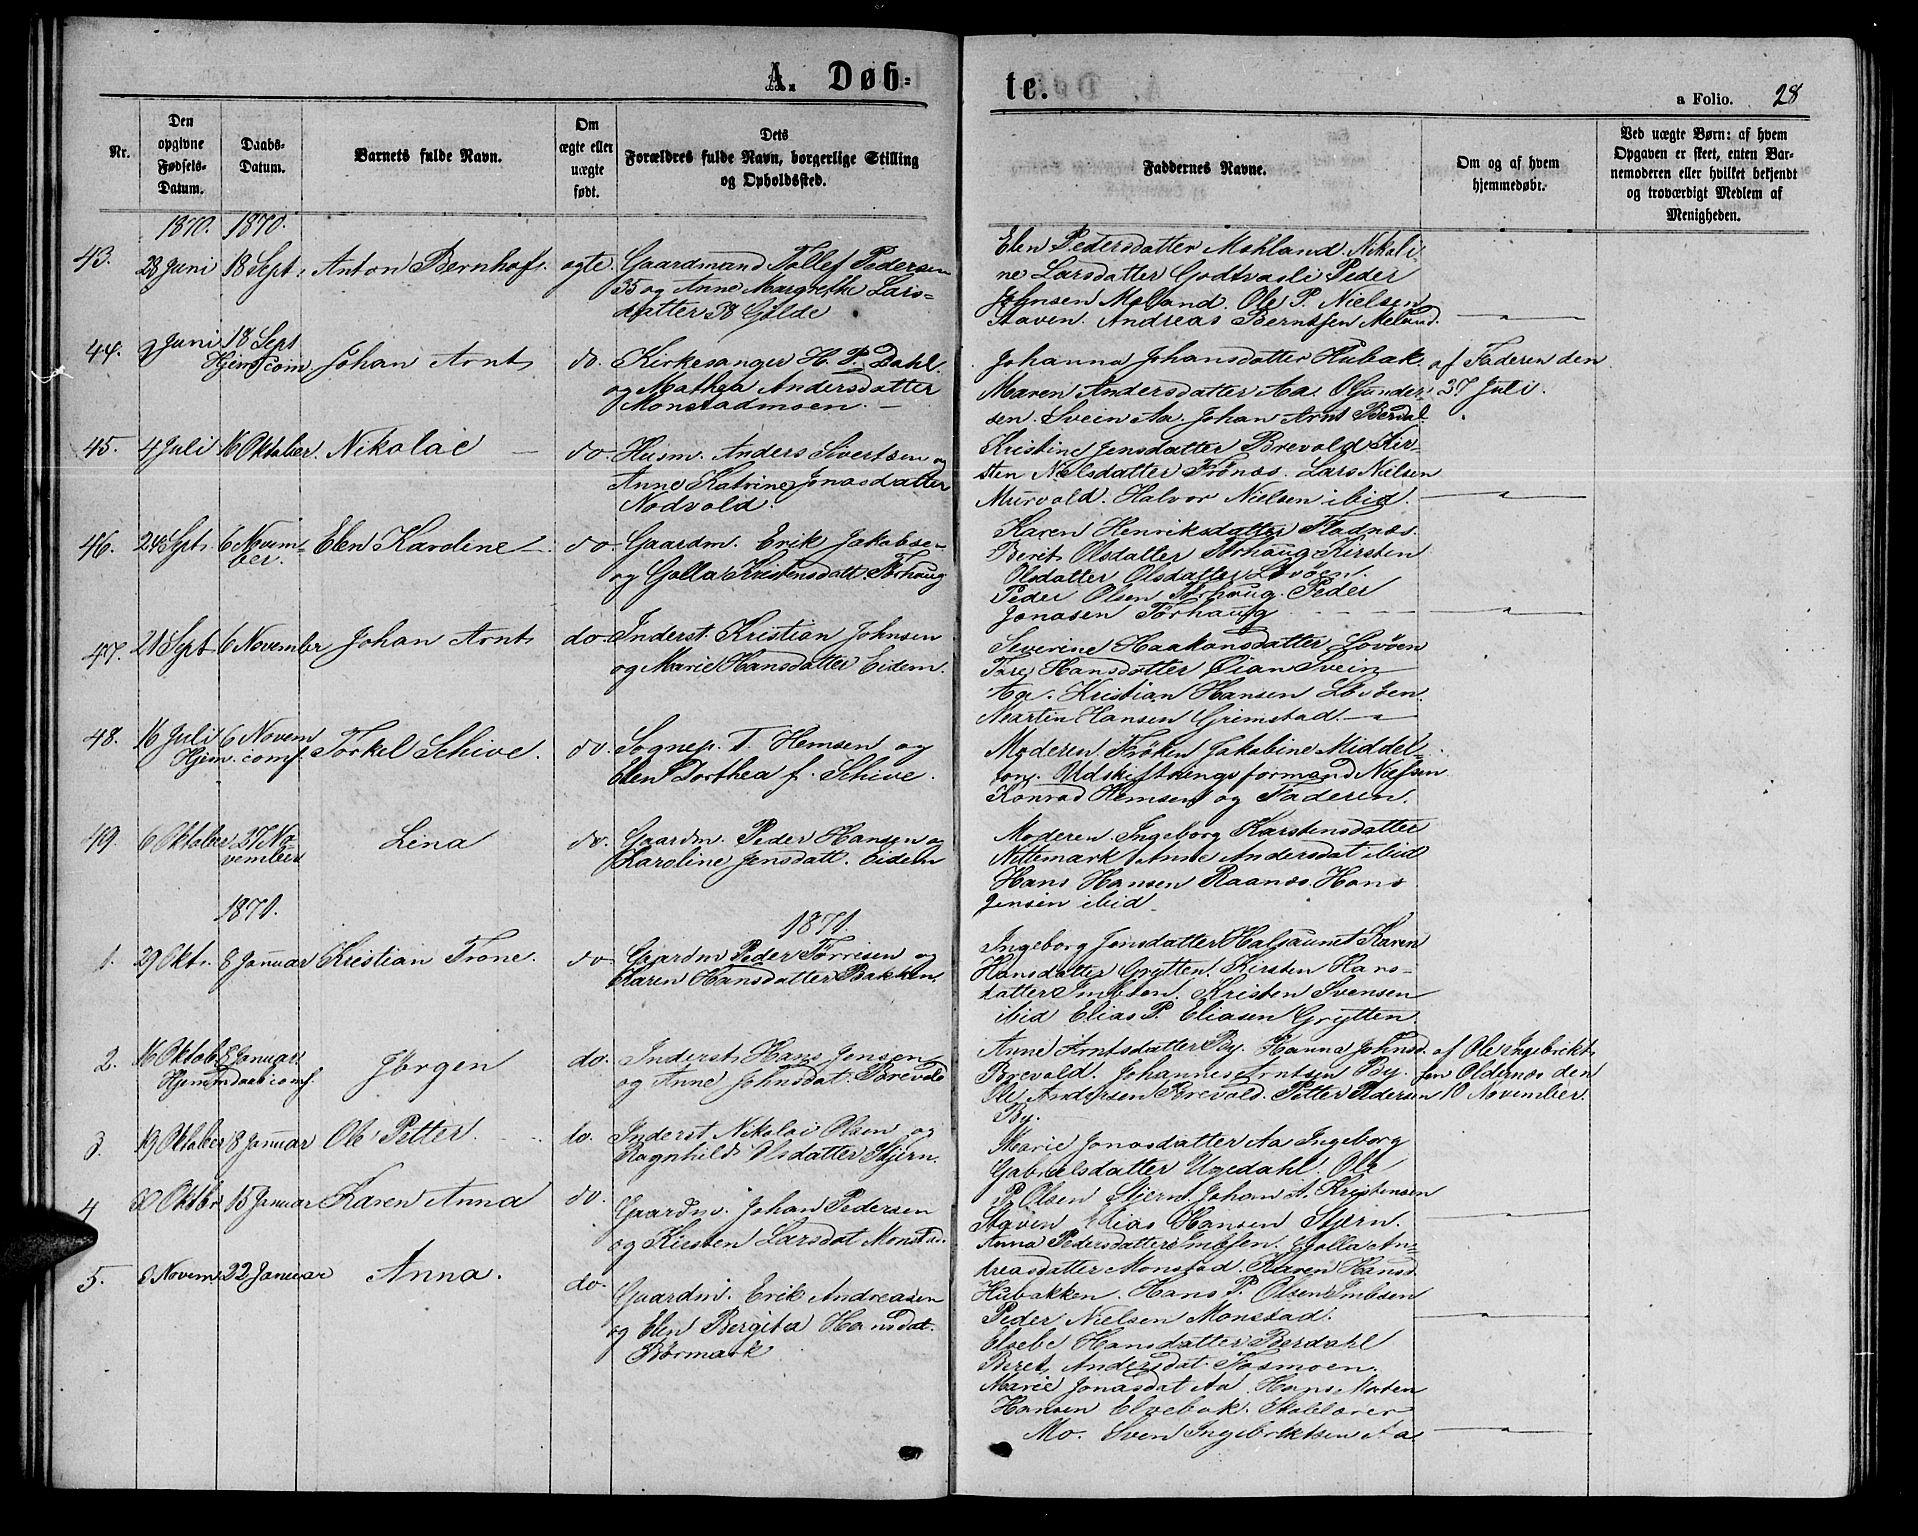 SAT, Ministerialprotokoller, klokkerbøker og fødselsregistre - Sør-Trøndelag, 655/L0686: Klokkerbok nr. 655C02, 1866-1879, s. 28